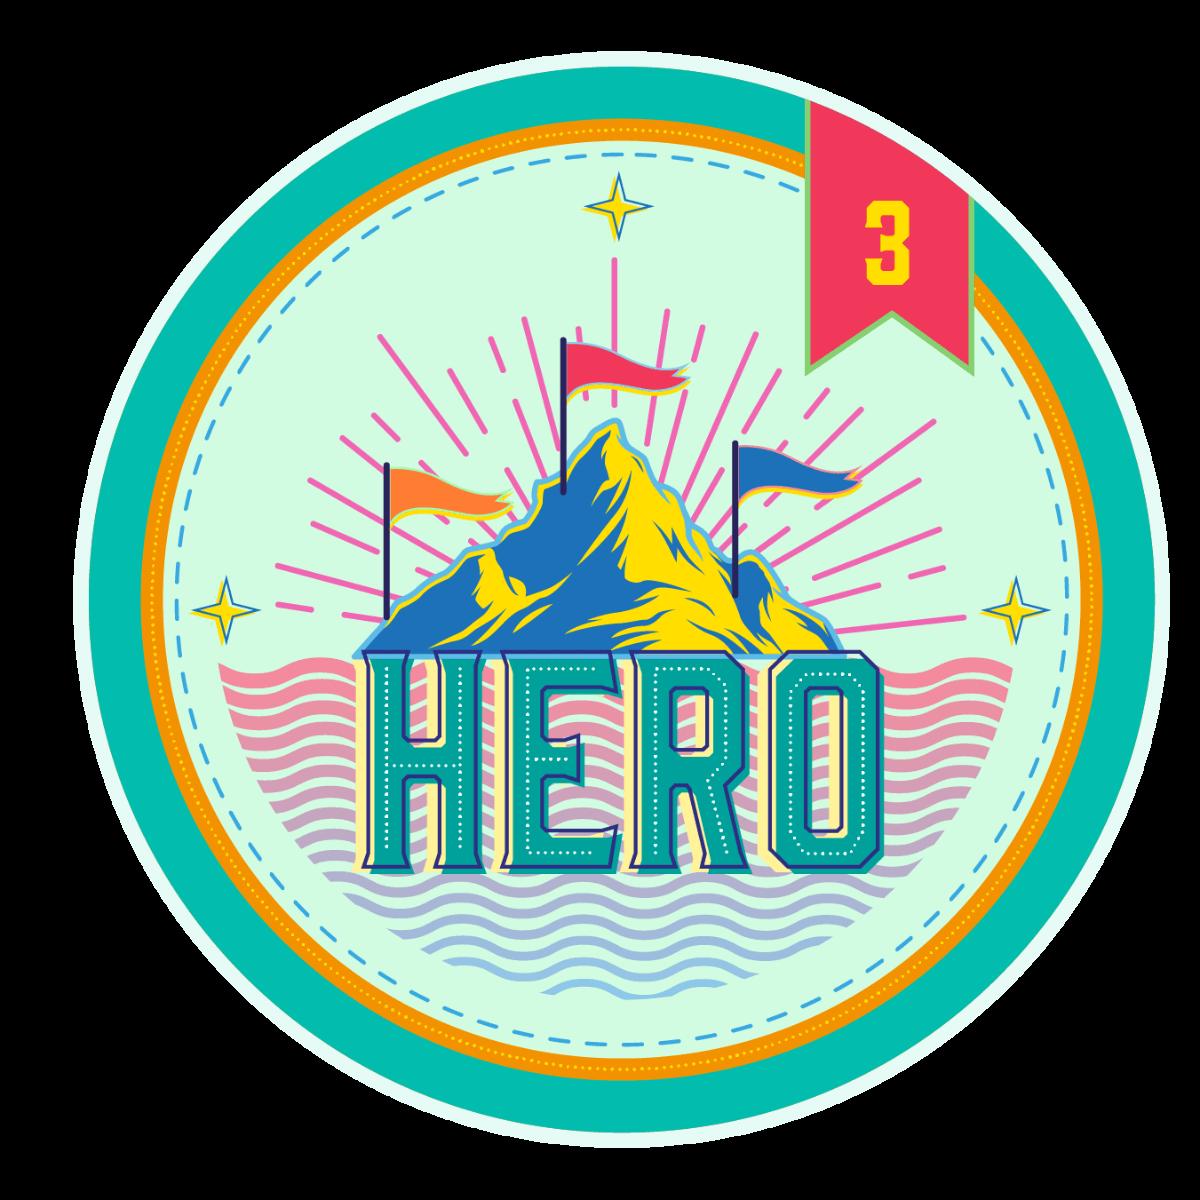 Hero Level 3